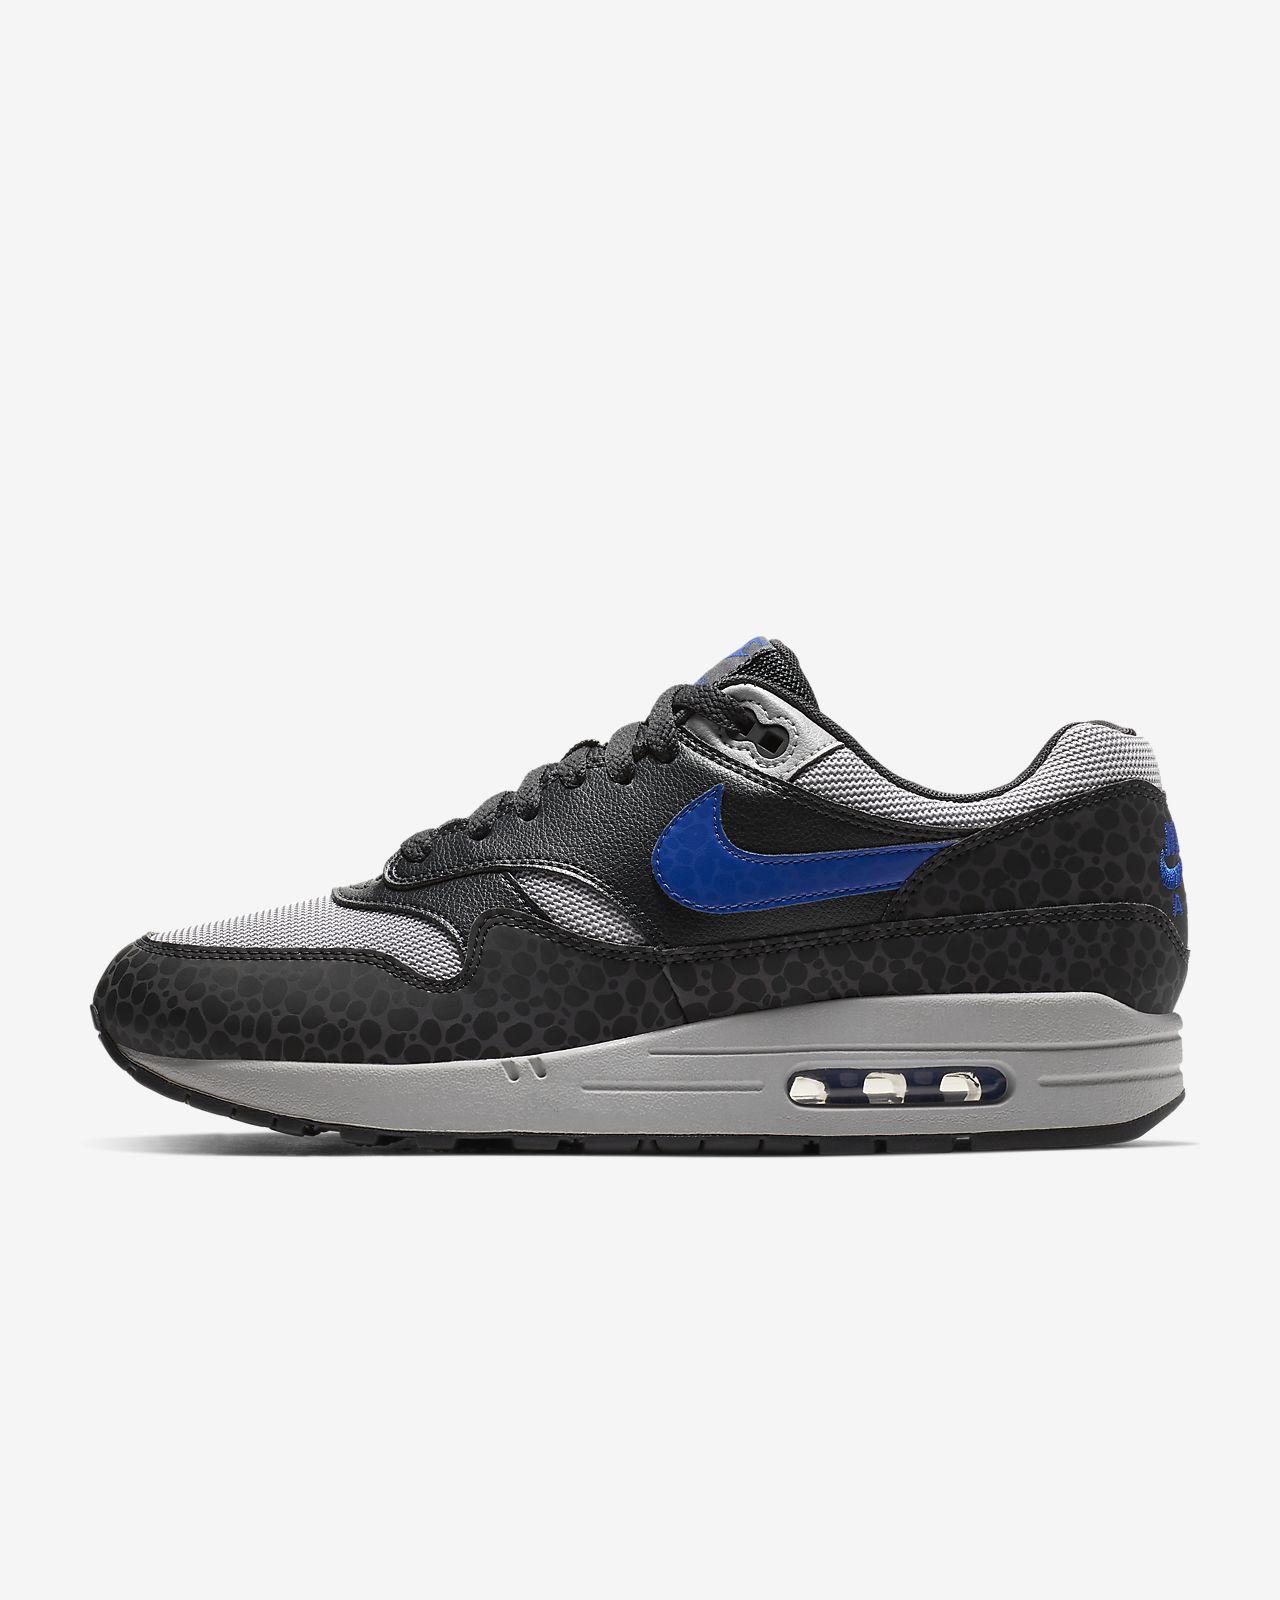 buy online d3562 6c0be ... Nike Air Max 1 SE-sko til mænd